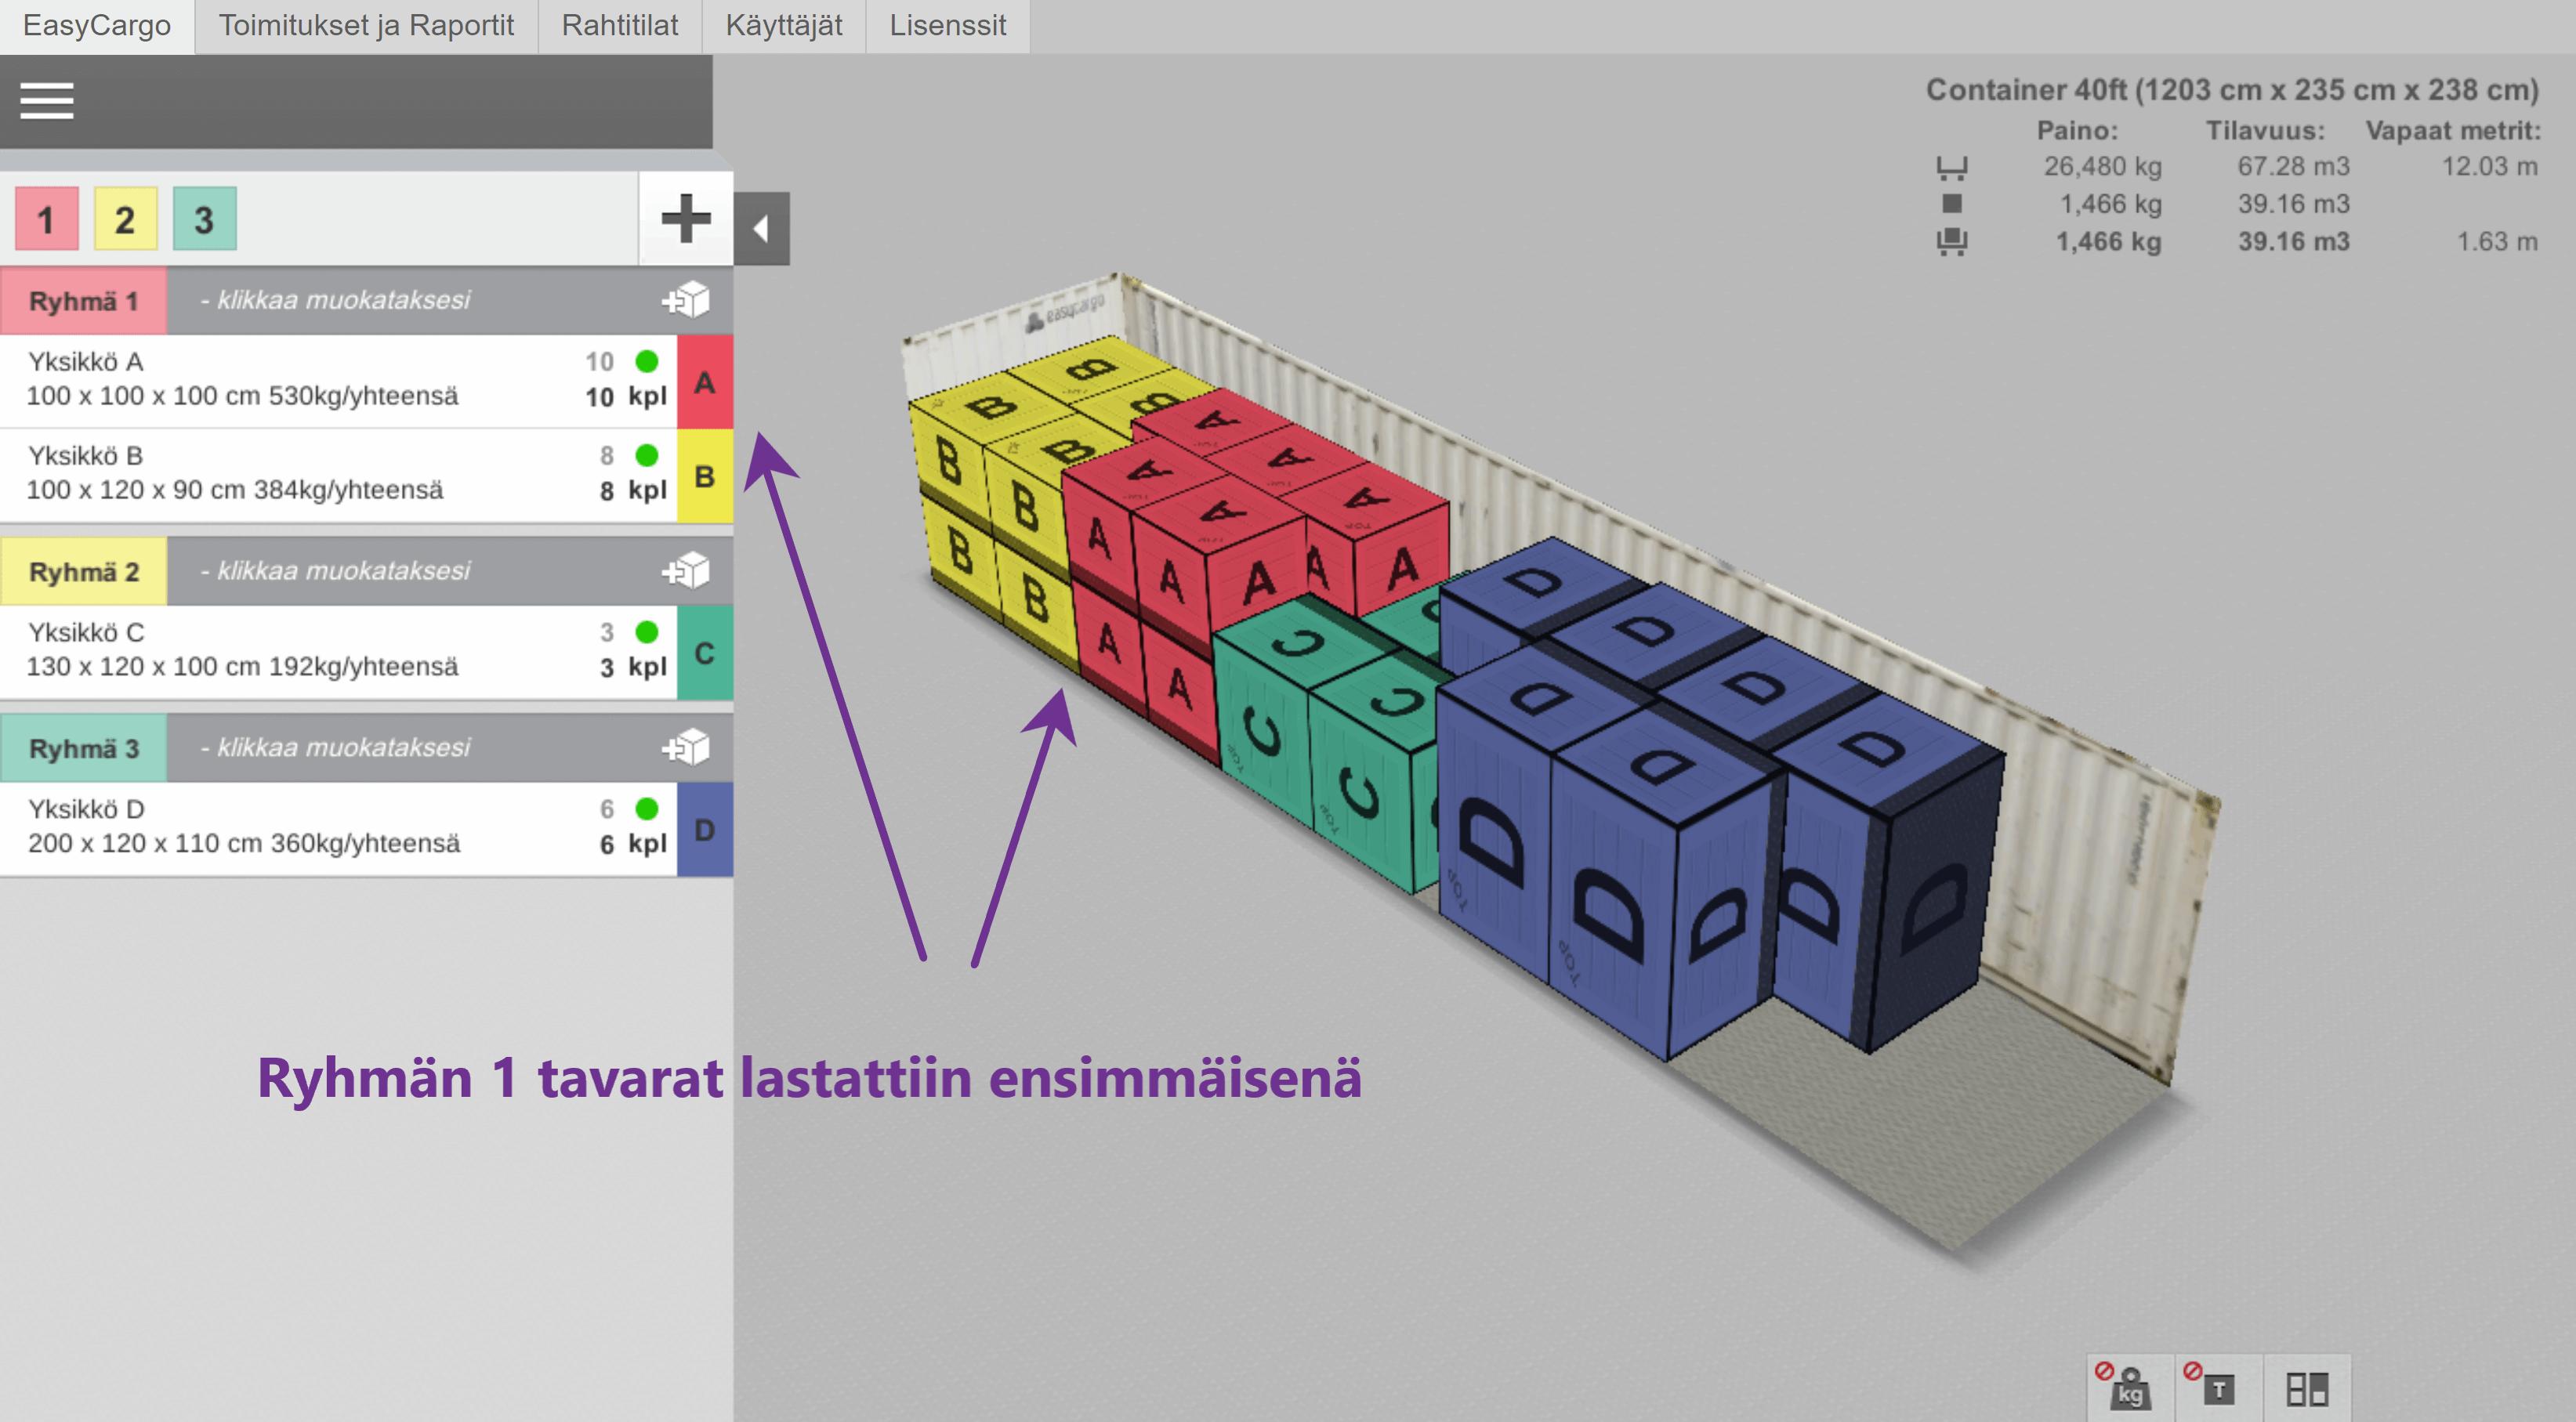 Prioriteettiryhmien esimerkki – värit vastaavat yksittäisiä tavaratyyppejä